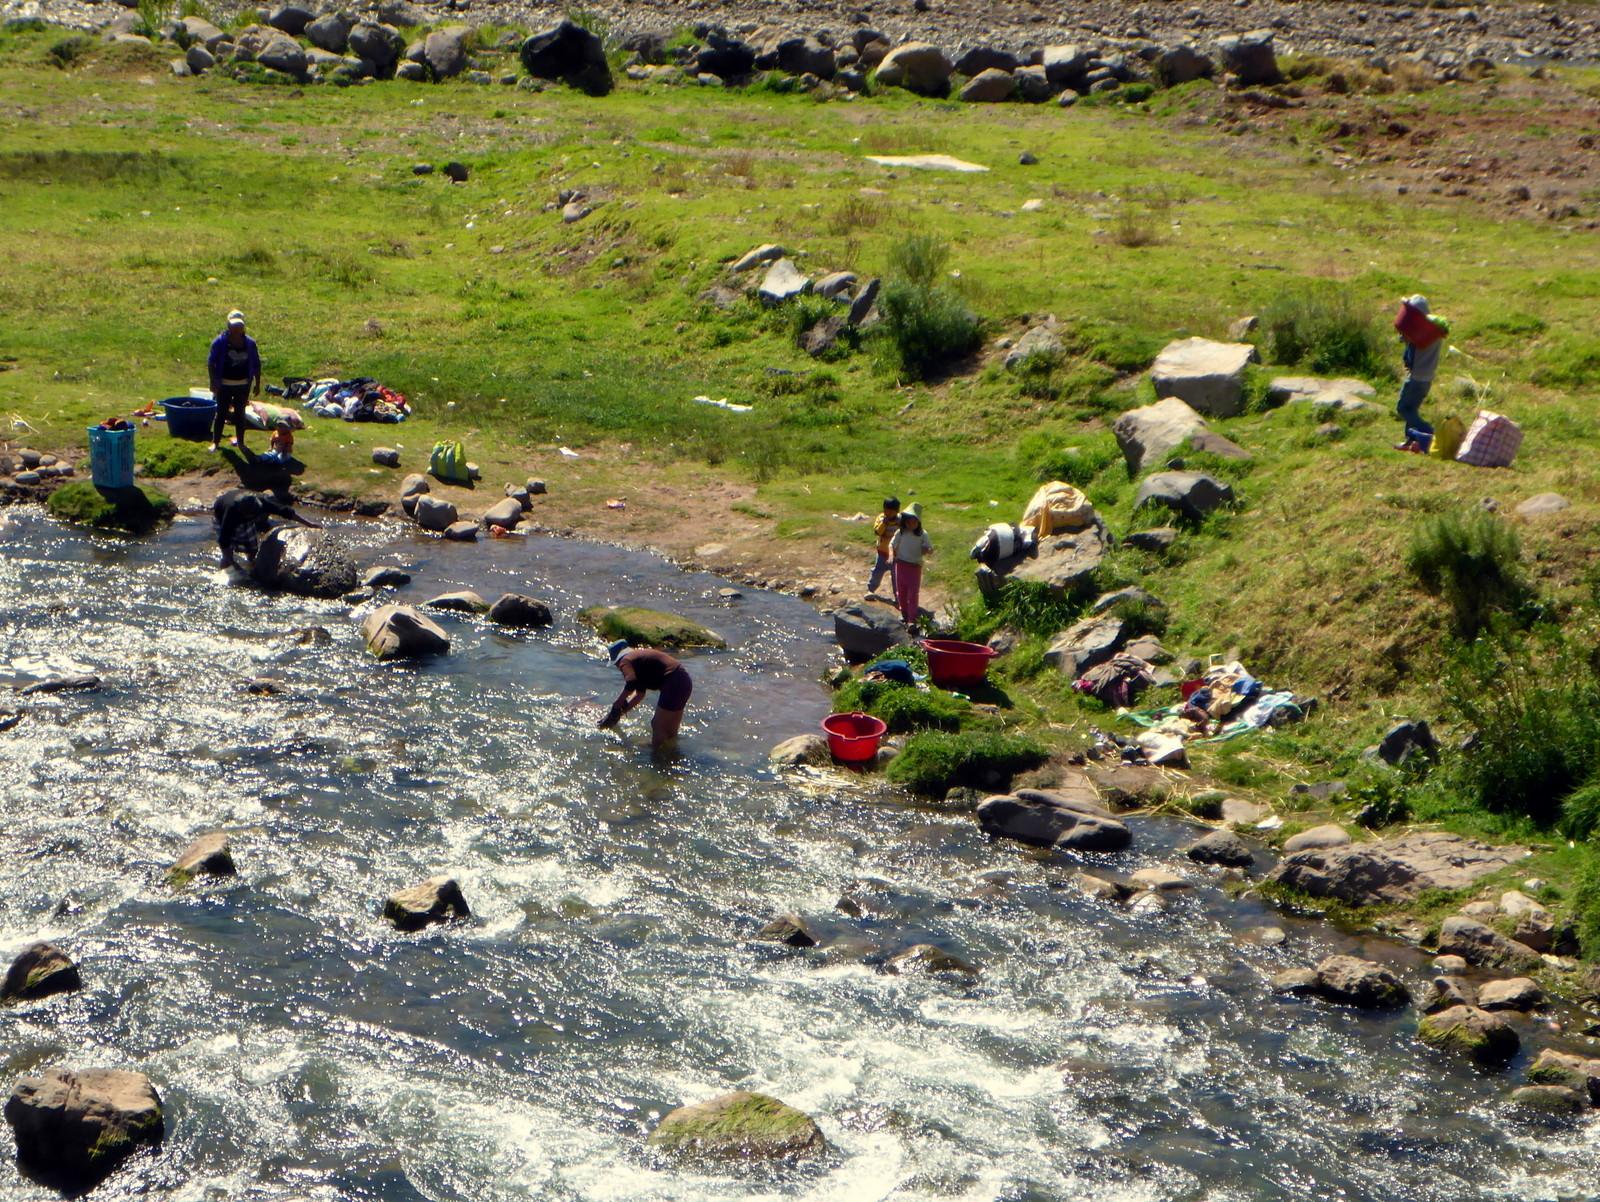 Egal ob Kleider Auto oder Menschen alles wird im Fluss gewaschen...